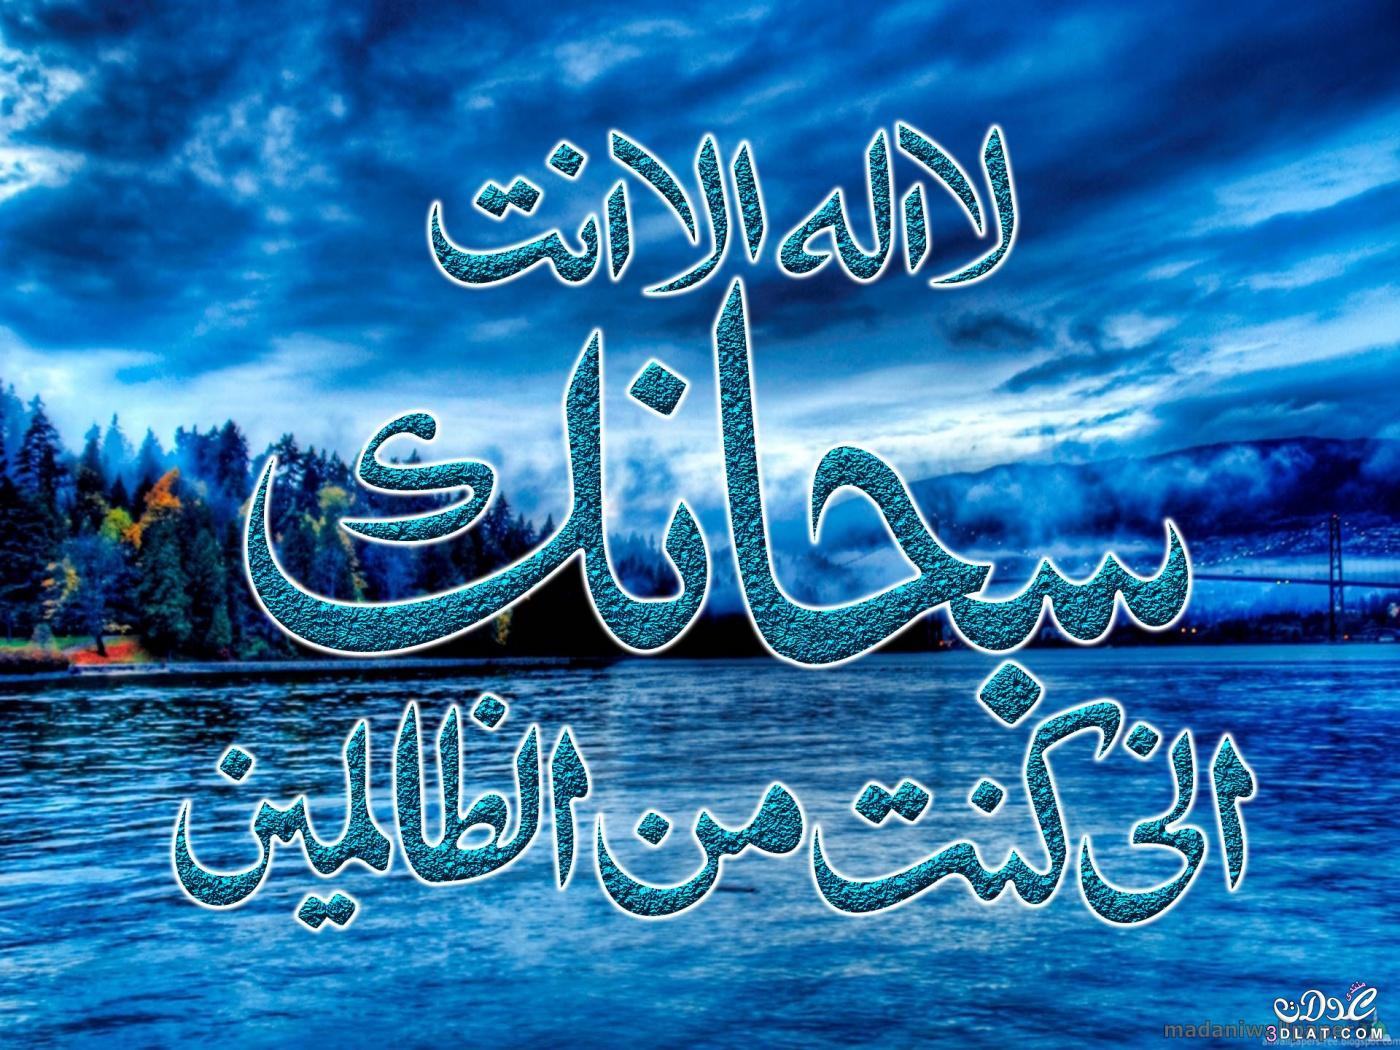 بالصور اجمل الصور الاسلامية في العالم , اروع صور دينيه فى العالم 3283